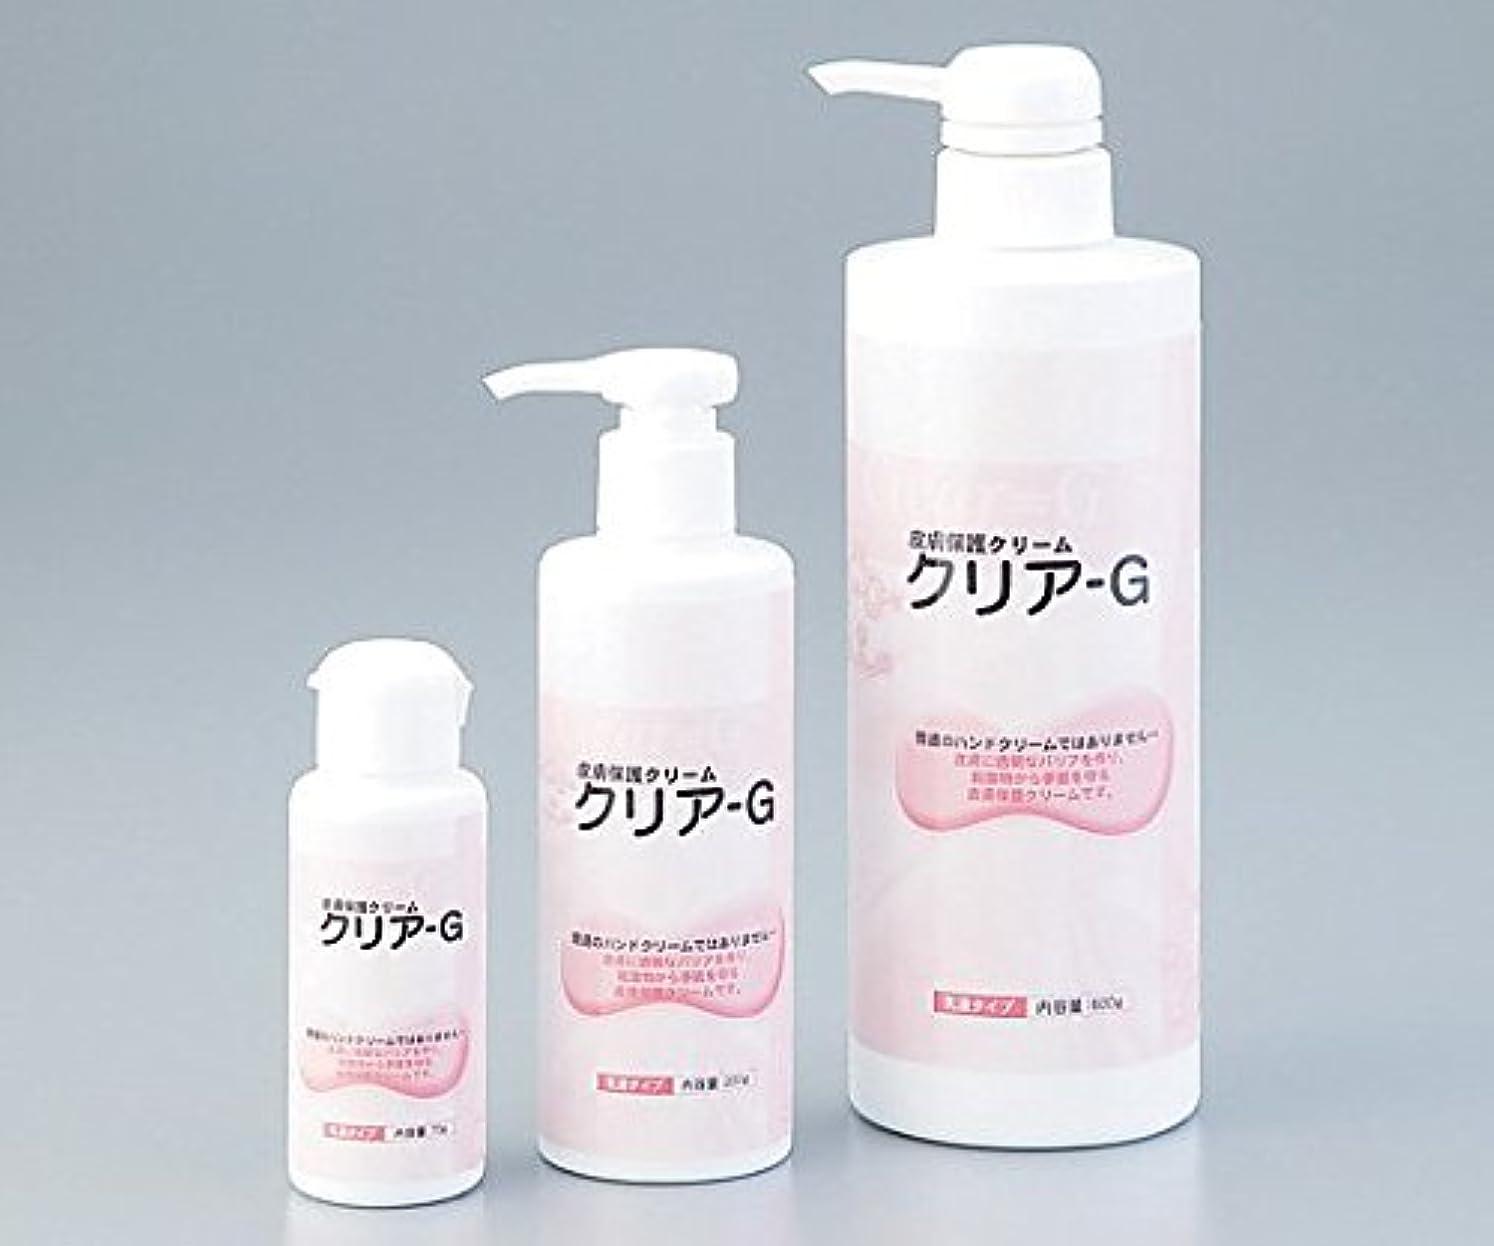 相談枝パンダナビス 皮膚保護クリーム 70g 0-8238-11